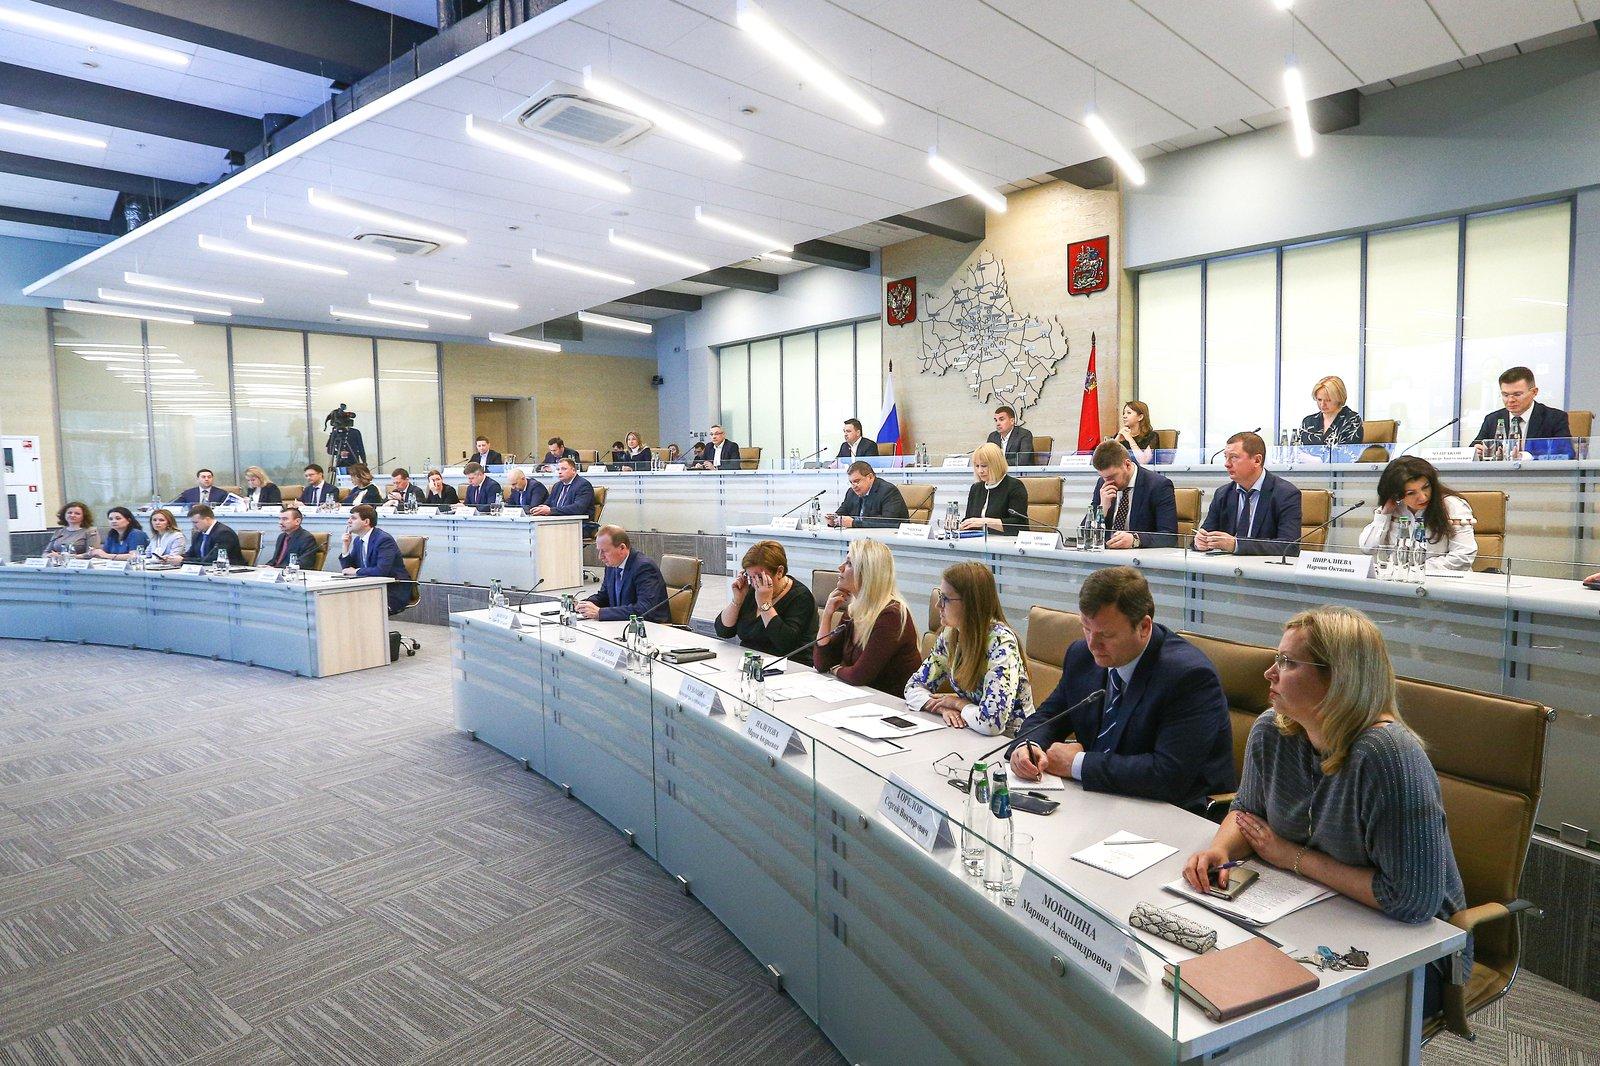 Андрей Воробьев губернатор московской области - Глобальная тепловая карта: Рейтинг-50 стал главной темой совещания в ЦУРе